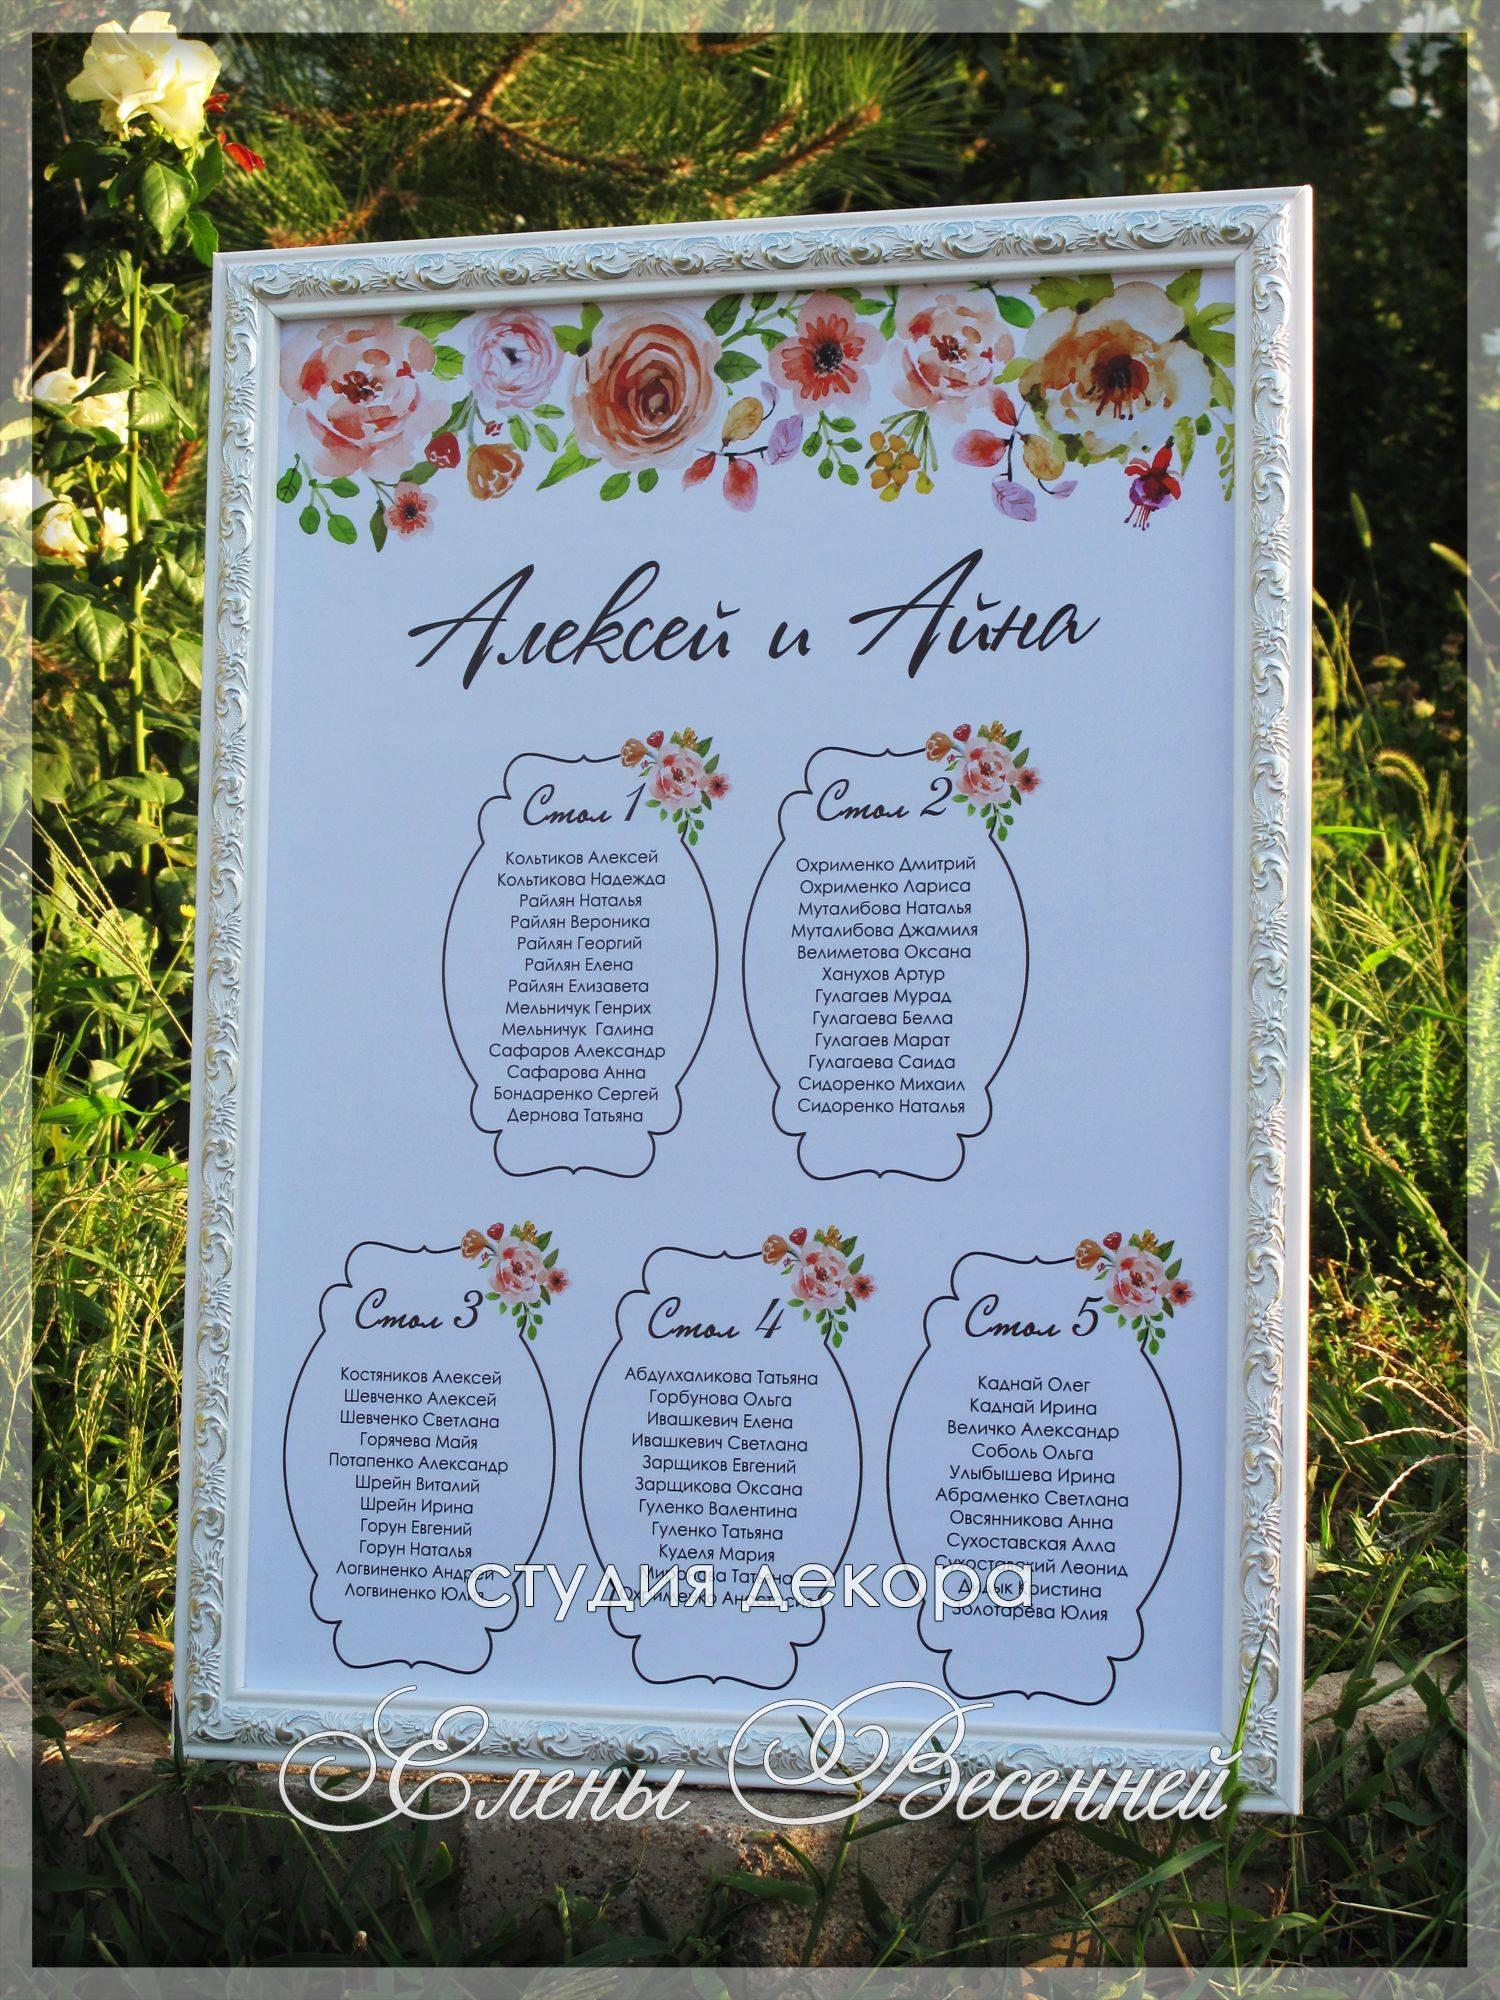 Как правильно рассадить гостей на свадьбе?